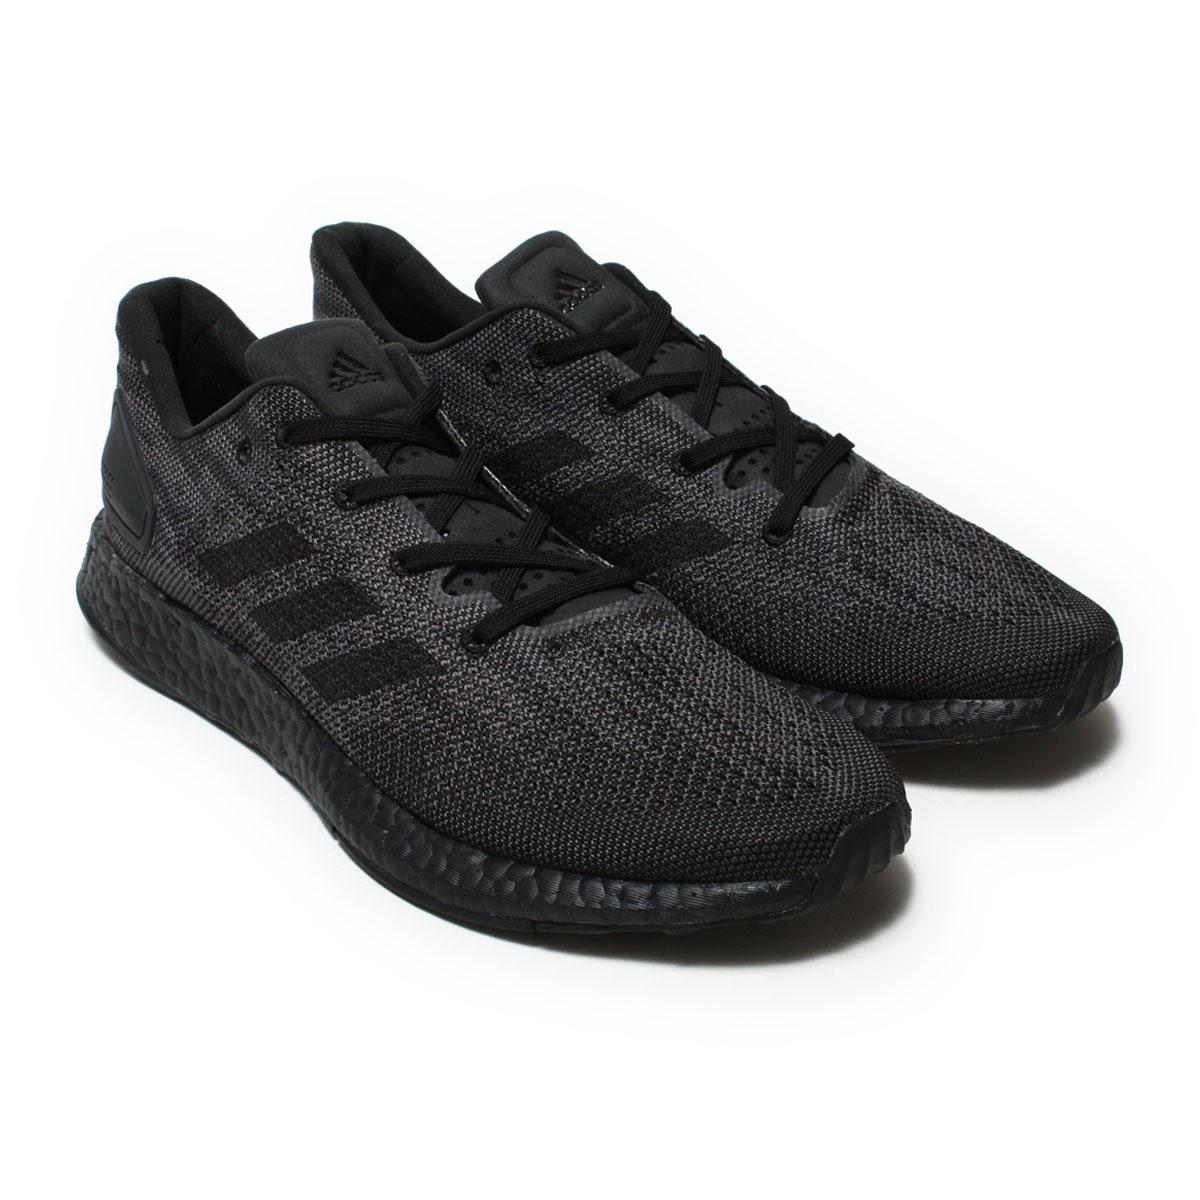 adidas Originals PureBOOST DPR LTD(アディダス オリジナルス ピュアブースト DPR LTD)Core Black/Core Black/Carbon18SS-I